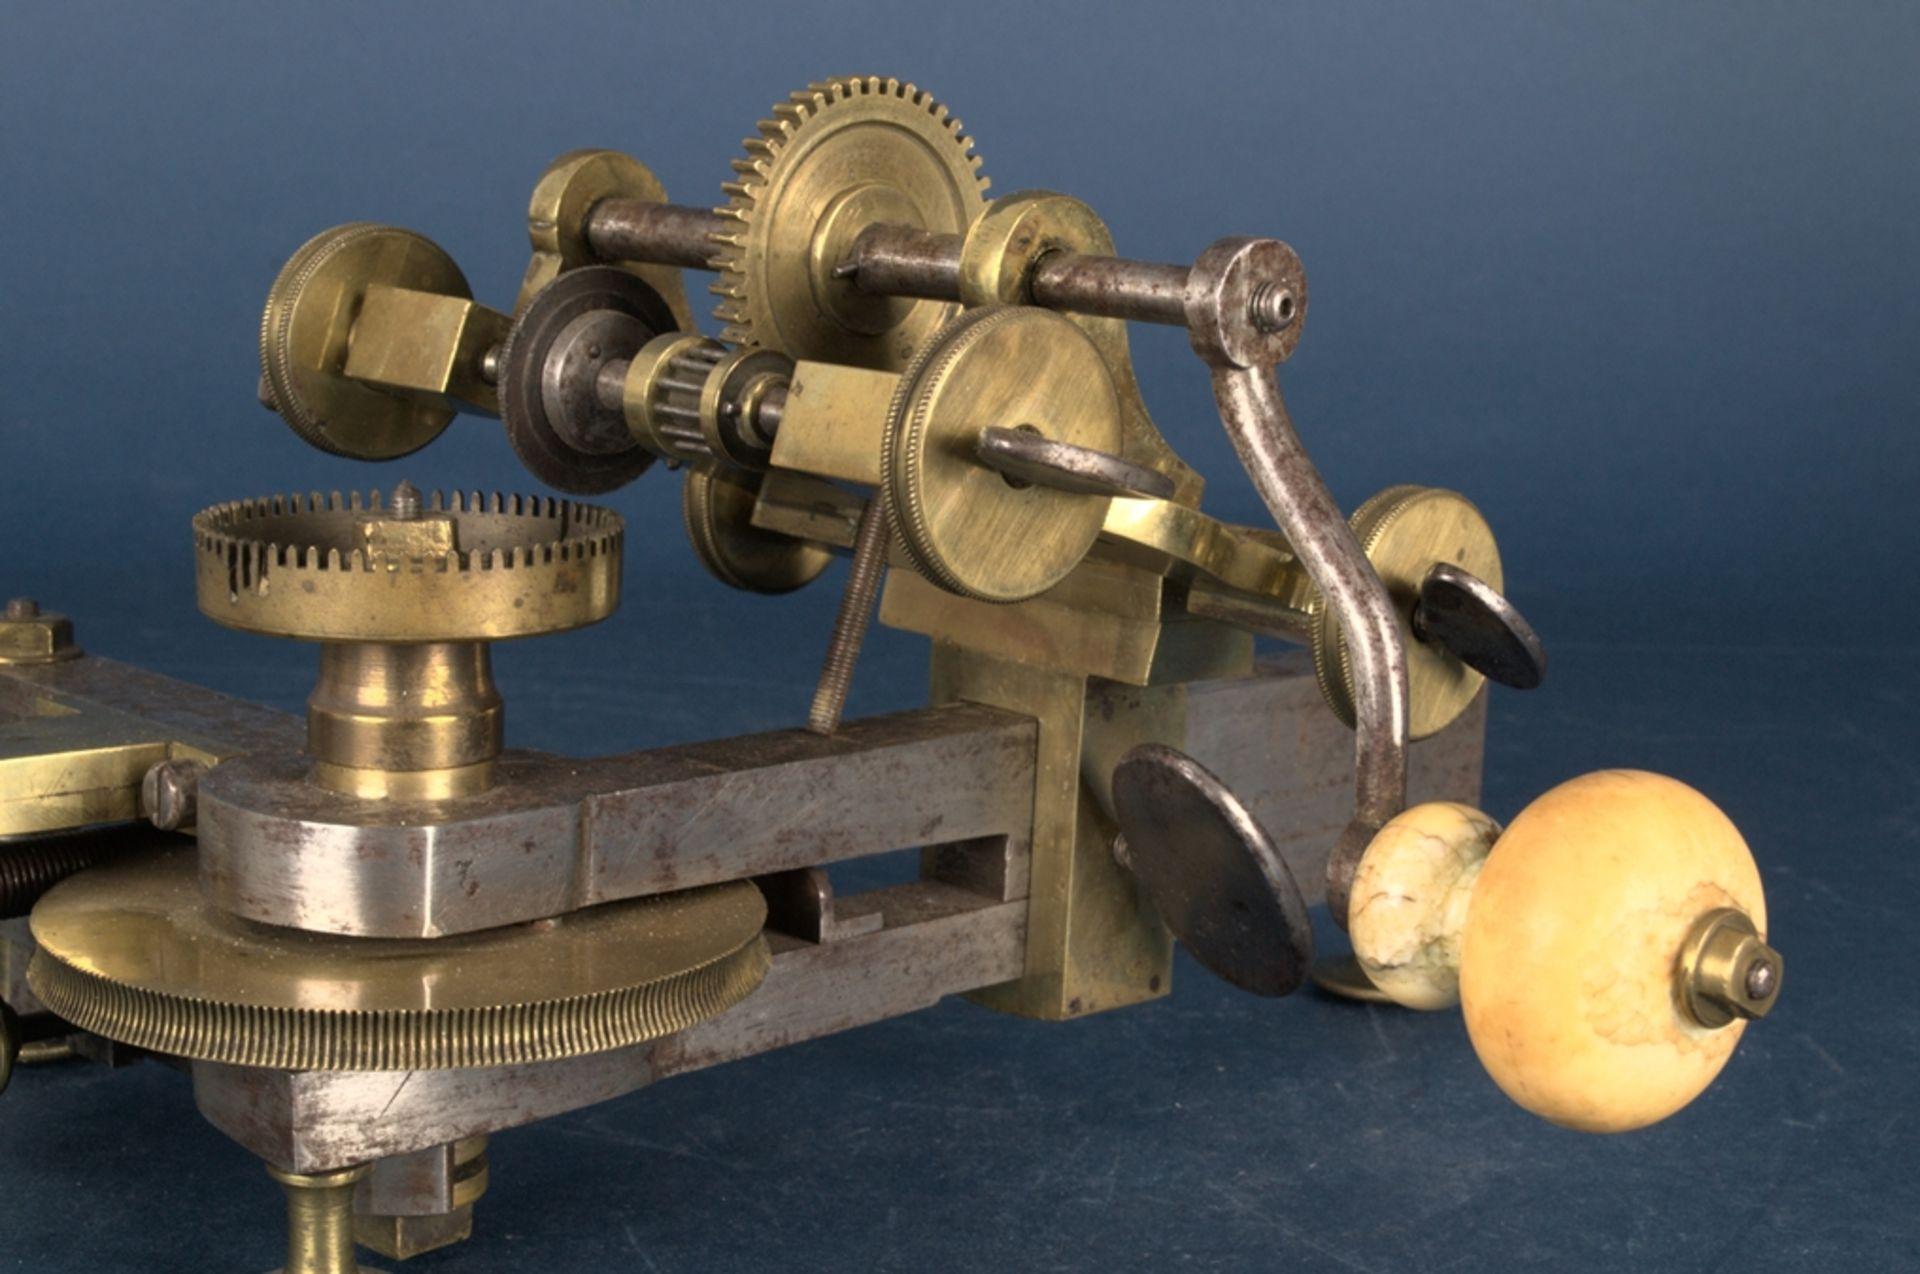 Zahnradfräsmaschine/Zahnräderschneidemaschine, frühes Uhrmacherwerkzeug, deutsch Mitte 18. Jhd., - Bild 13 aus 29